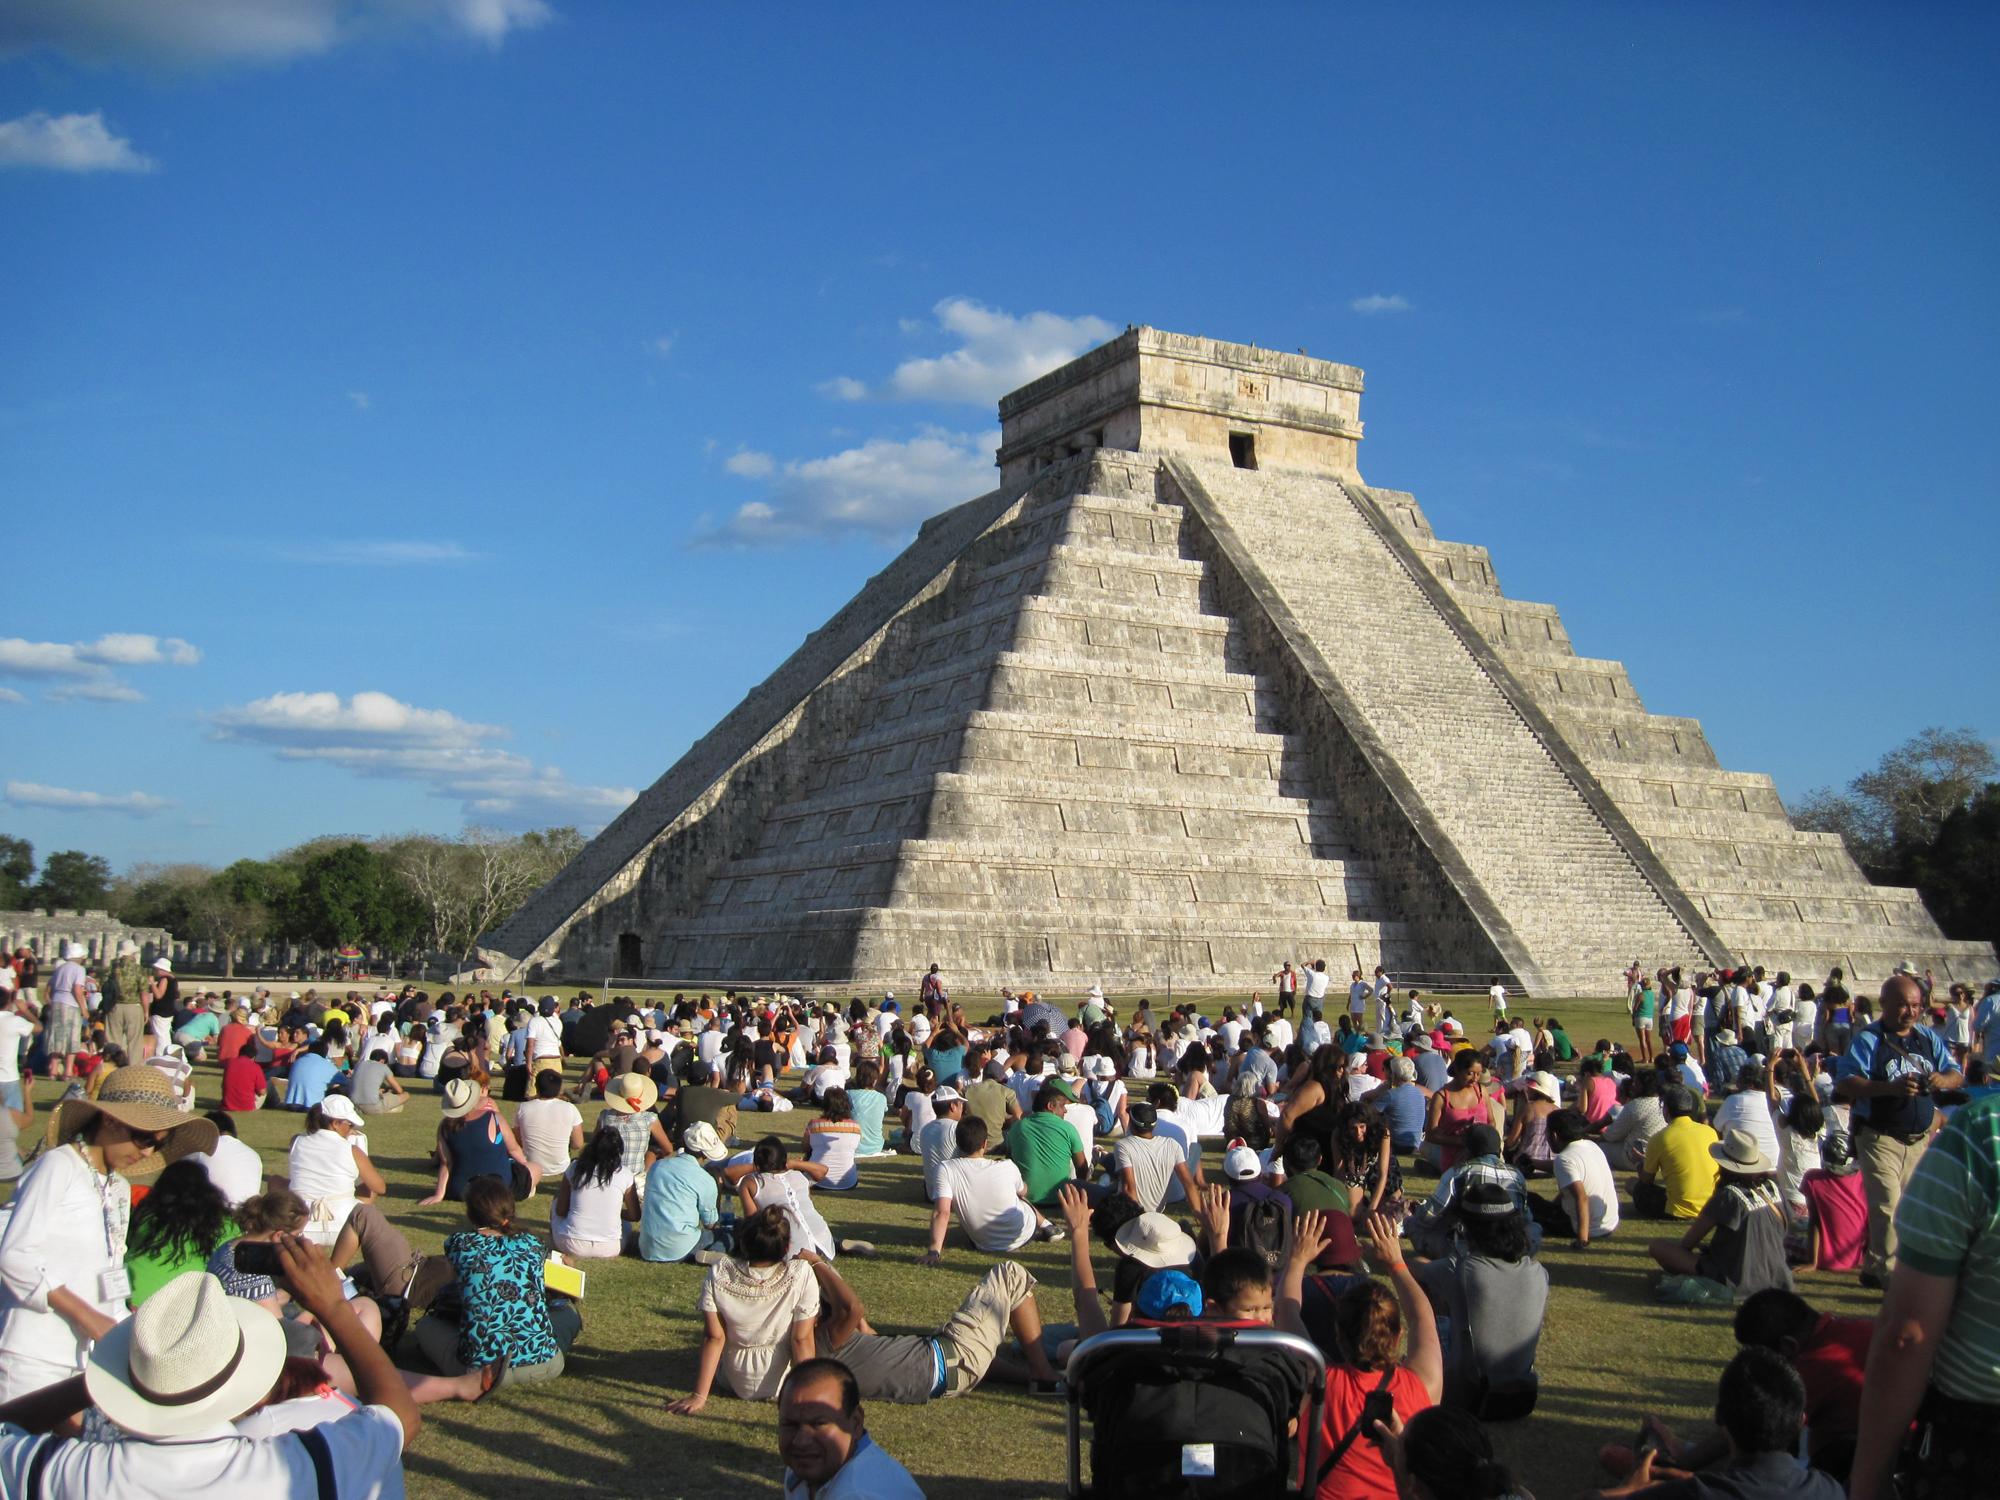 spring-equinox-effect-on-el-castillo-mayan-pyramid